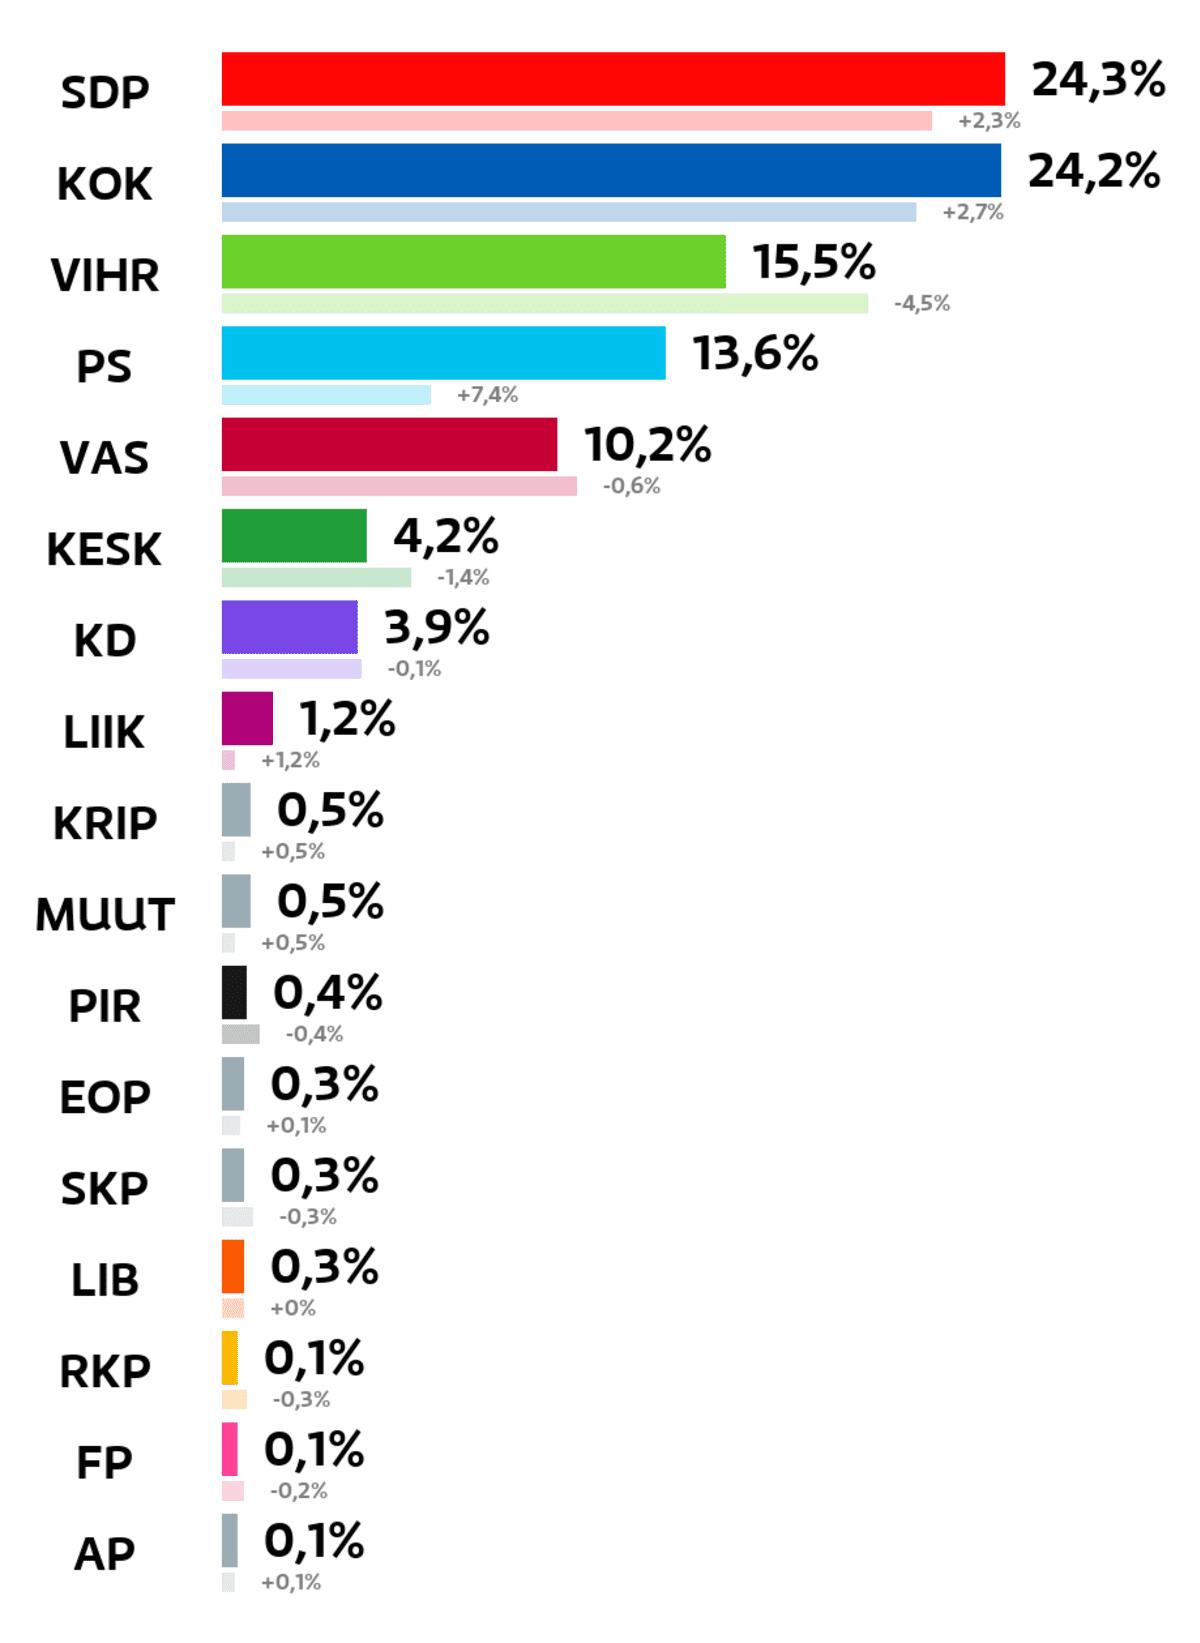 Tampere: Kuntavaalien tulos (%) SDP: 24,3 prosenttia Kokoomus: 24,2 prosenttia Vihreät: 15,5 prosenttia Perussuomalaiset: 13,6 prosenttia Vasemmistoliitto: 10,2 prosenttia Keskusta: 4,2 prosenttia Kristillisdemokraatit: 3,9 prosenttia Liike Nyt: 1,2 prosenttia Kristallipuolue: 0,5 prosenttia Muut ryhmät: 0,5 prosenttia Piraattipuolue: 0,4 prosenttia Eläinoikeuspuolue: 0,3 prosenttia Suomen Kommunistinen Puolue: 0,3 prosenttia Liberaalipuolue: 0,3 prosenttia RKP: 0,1 prosenttia Feministinen puolue: 0,1 prosenttia Avoin Puolue: 0,1 prosenttia